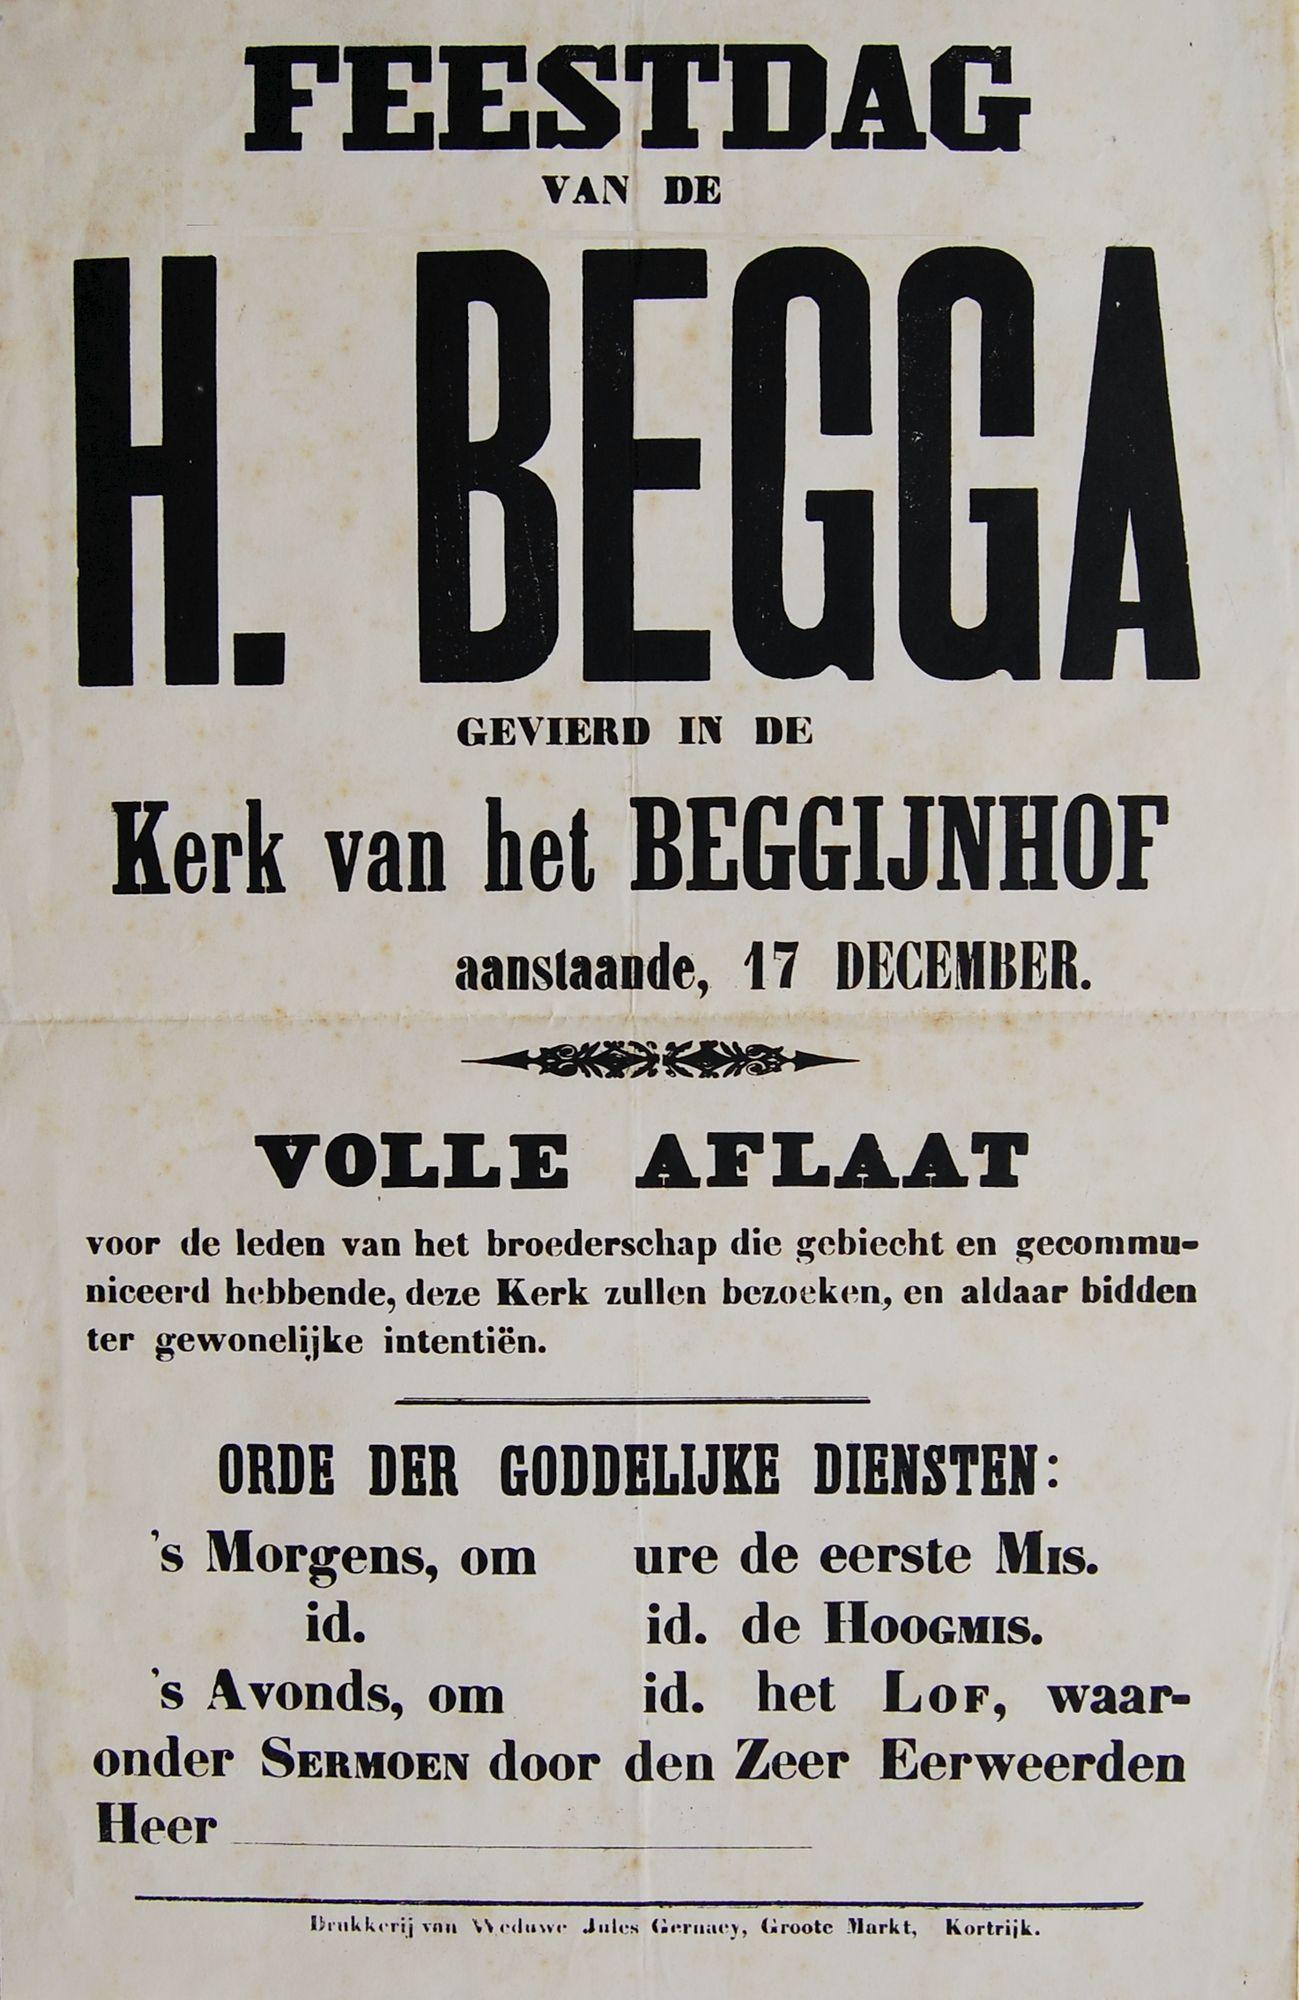 Feestdag Heilige Begga